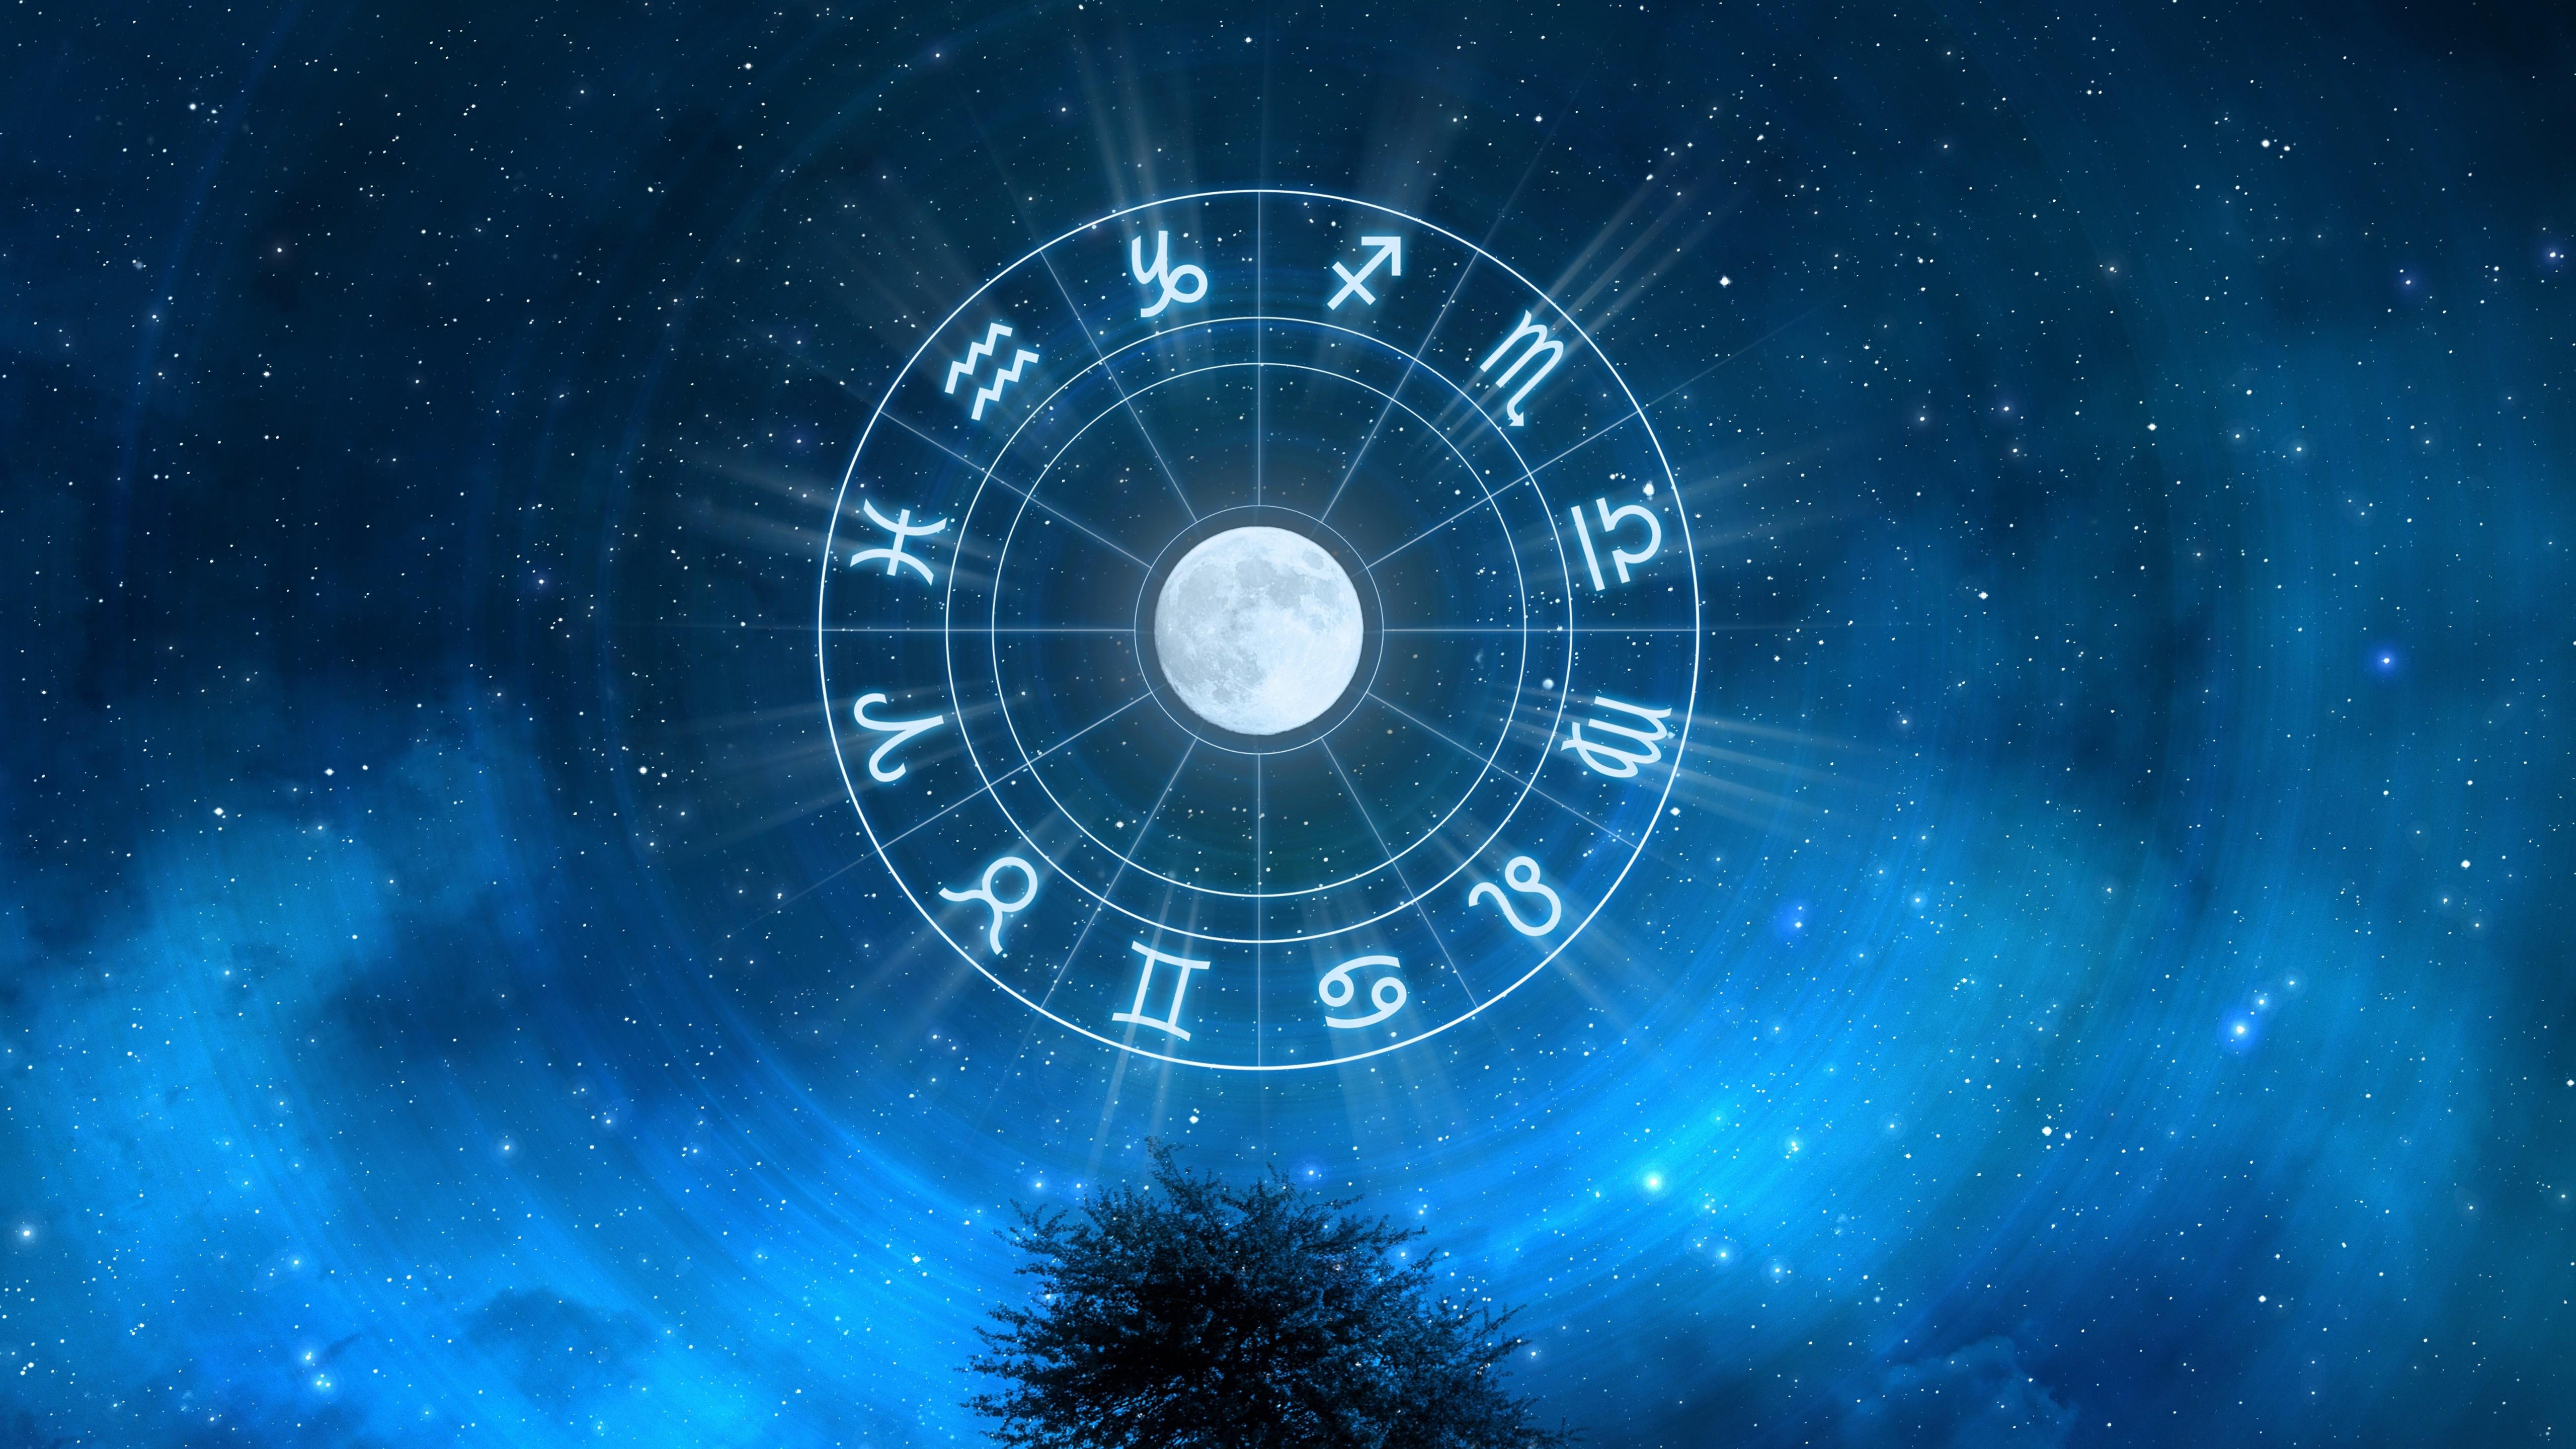 Гороскоп на неделю с 4 по 10 апреля для всех Знаков Зодиака